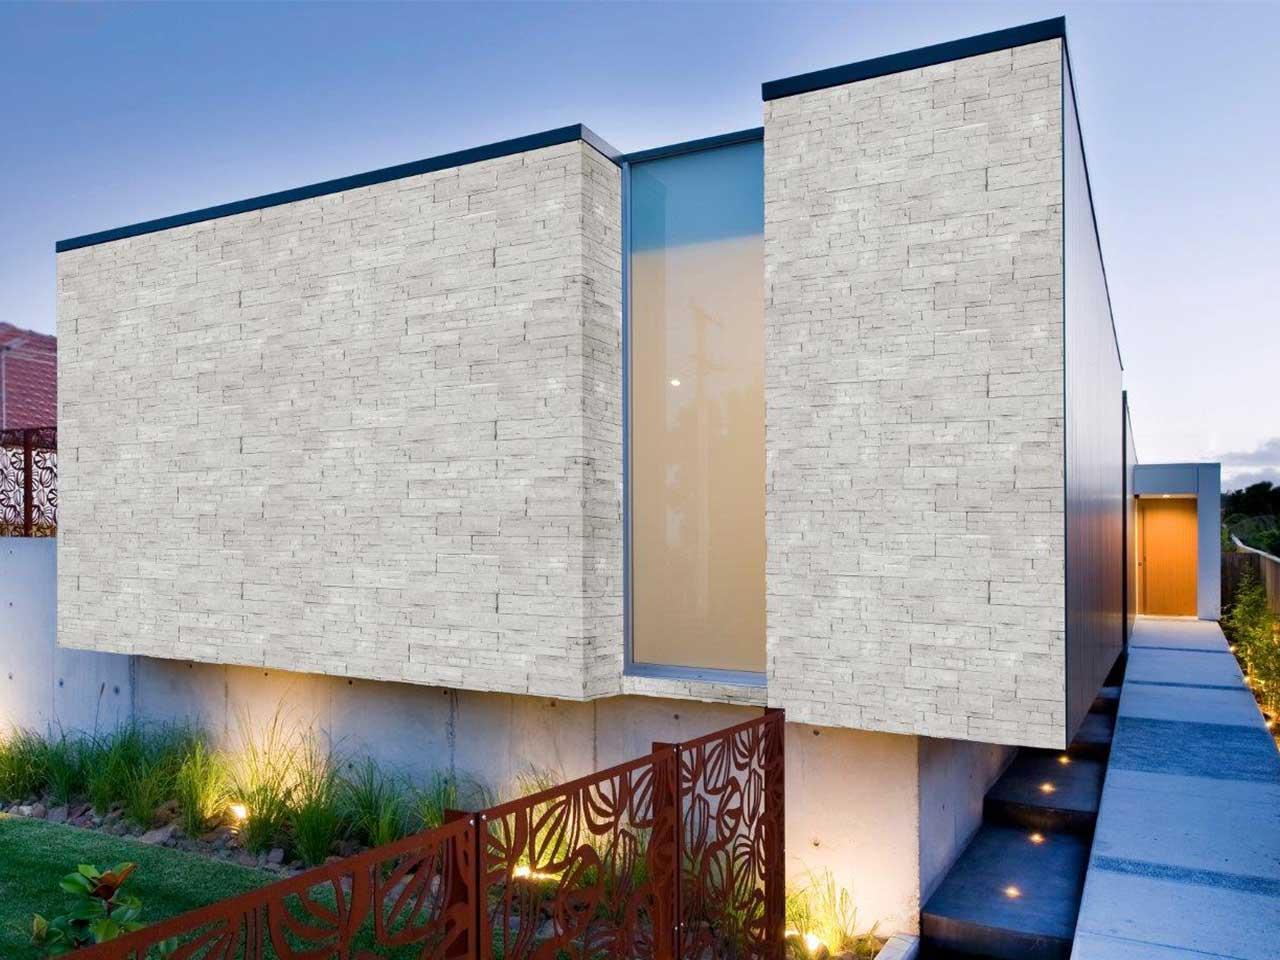 Rivestimento esterno in pietra ricostruita terminali for Case bianche moderne